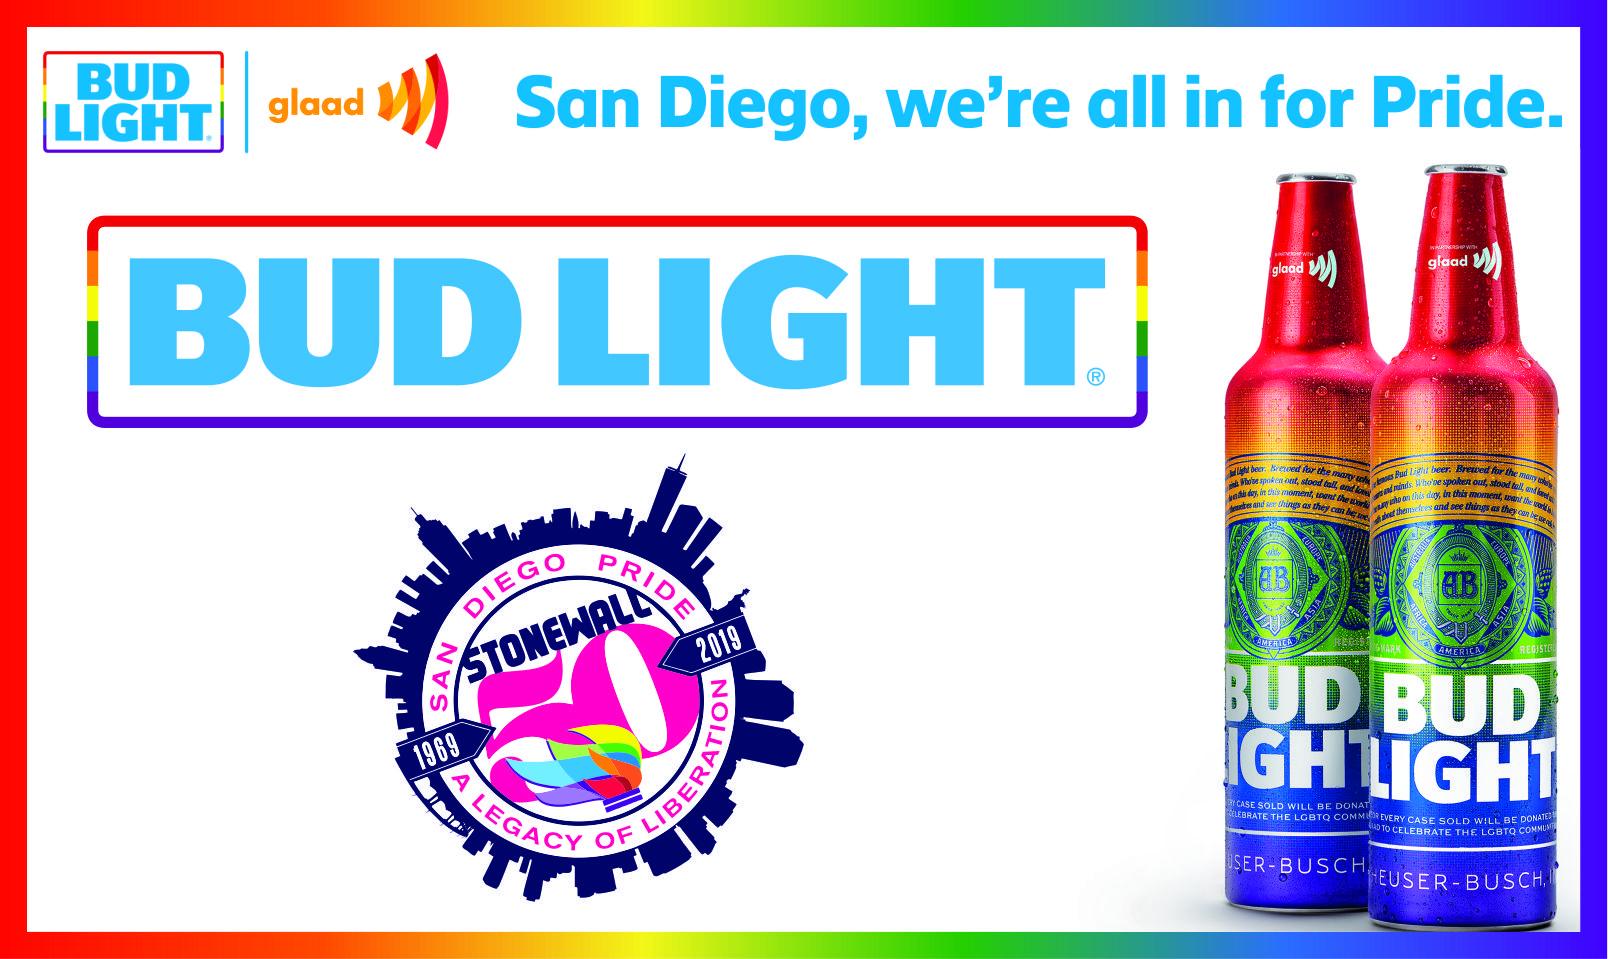 bud light pride bottle